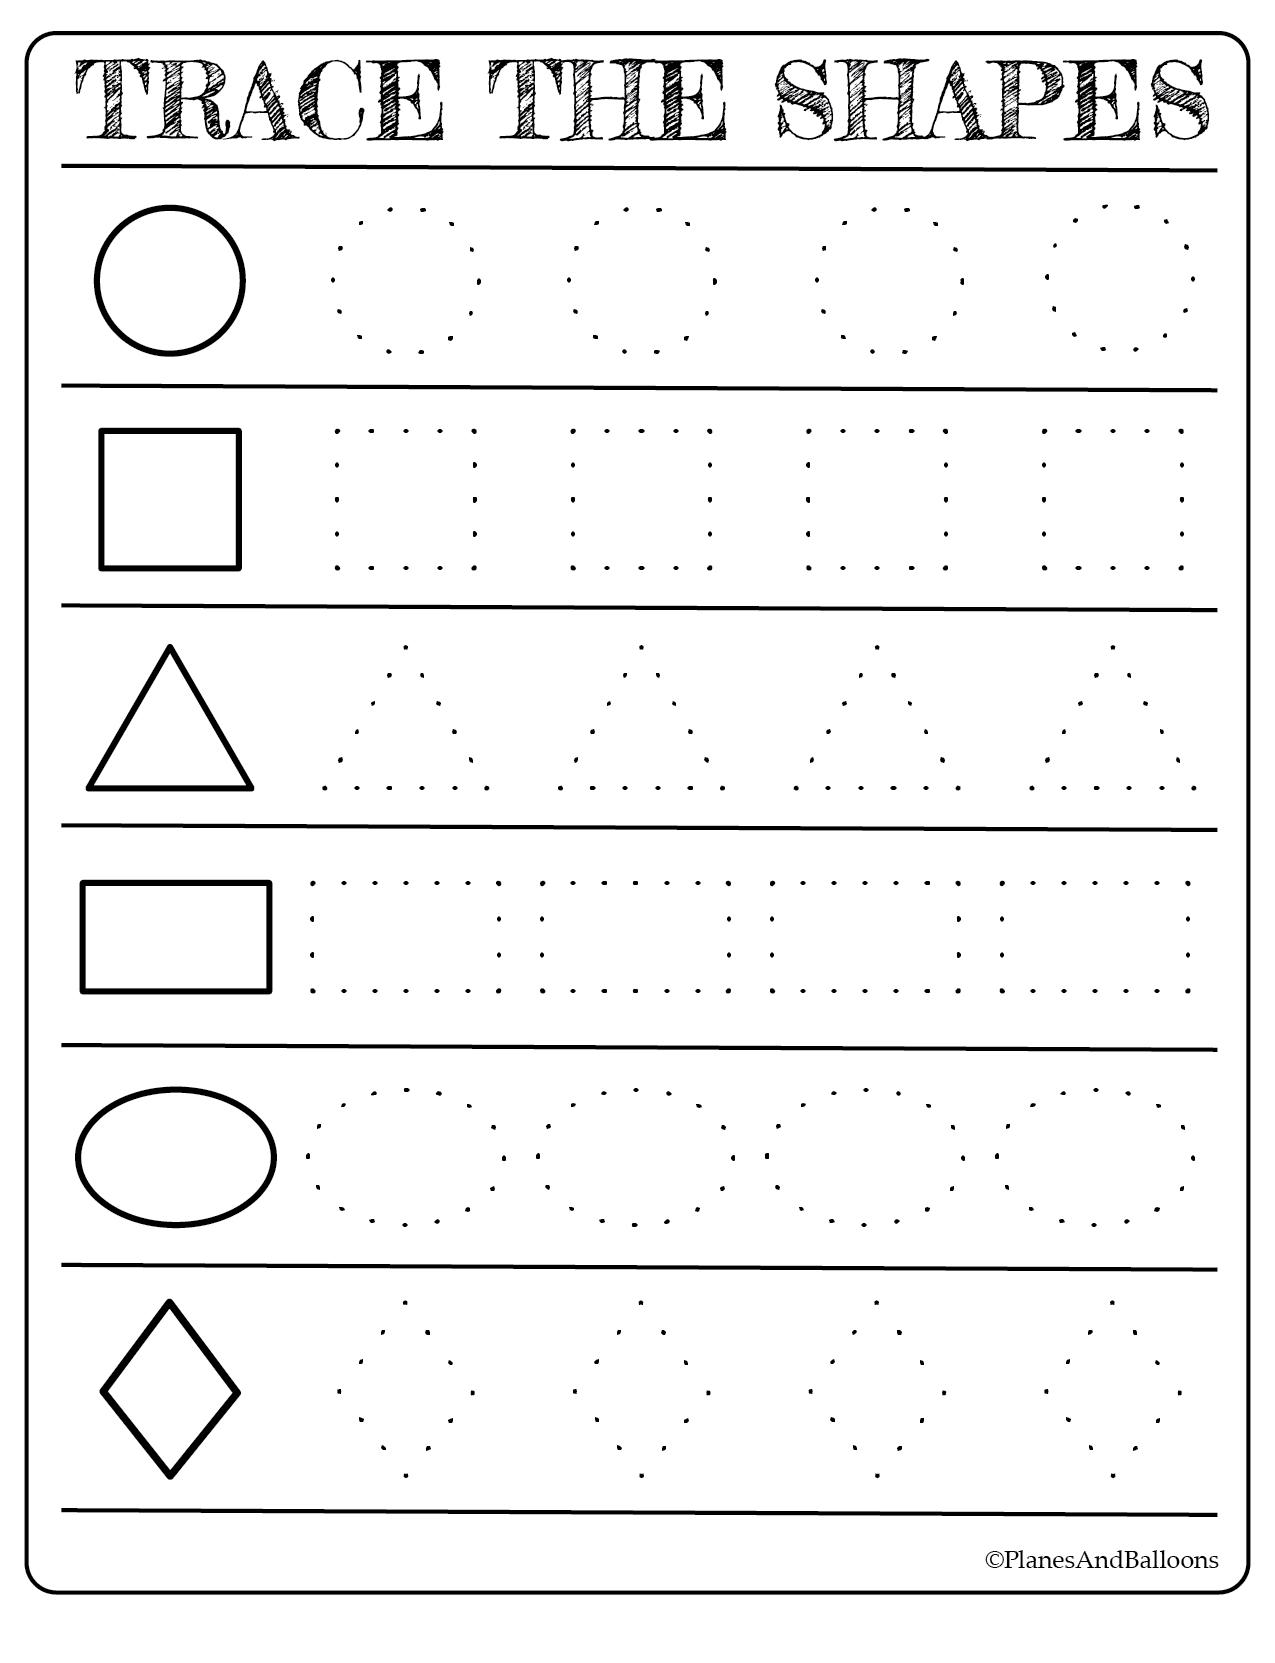 Free Printable Shapes Worksheets For Toddlers And Preschoolers | Abc - Free Printable Shapes Worksheets For Kindergarten